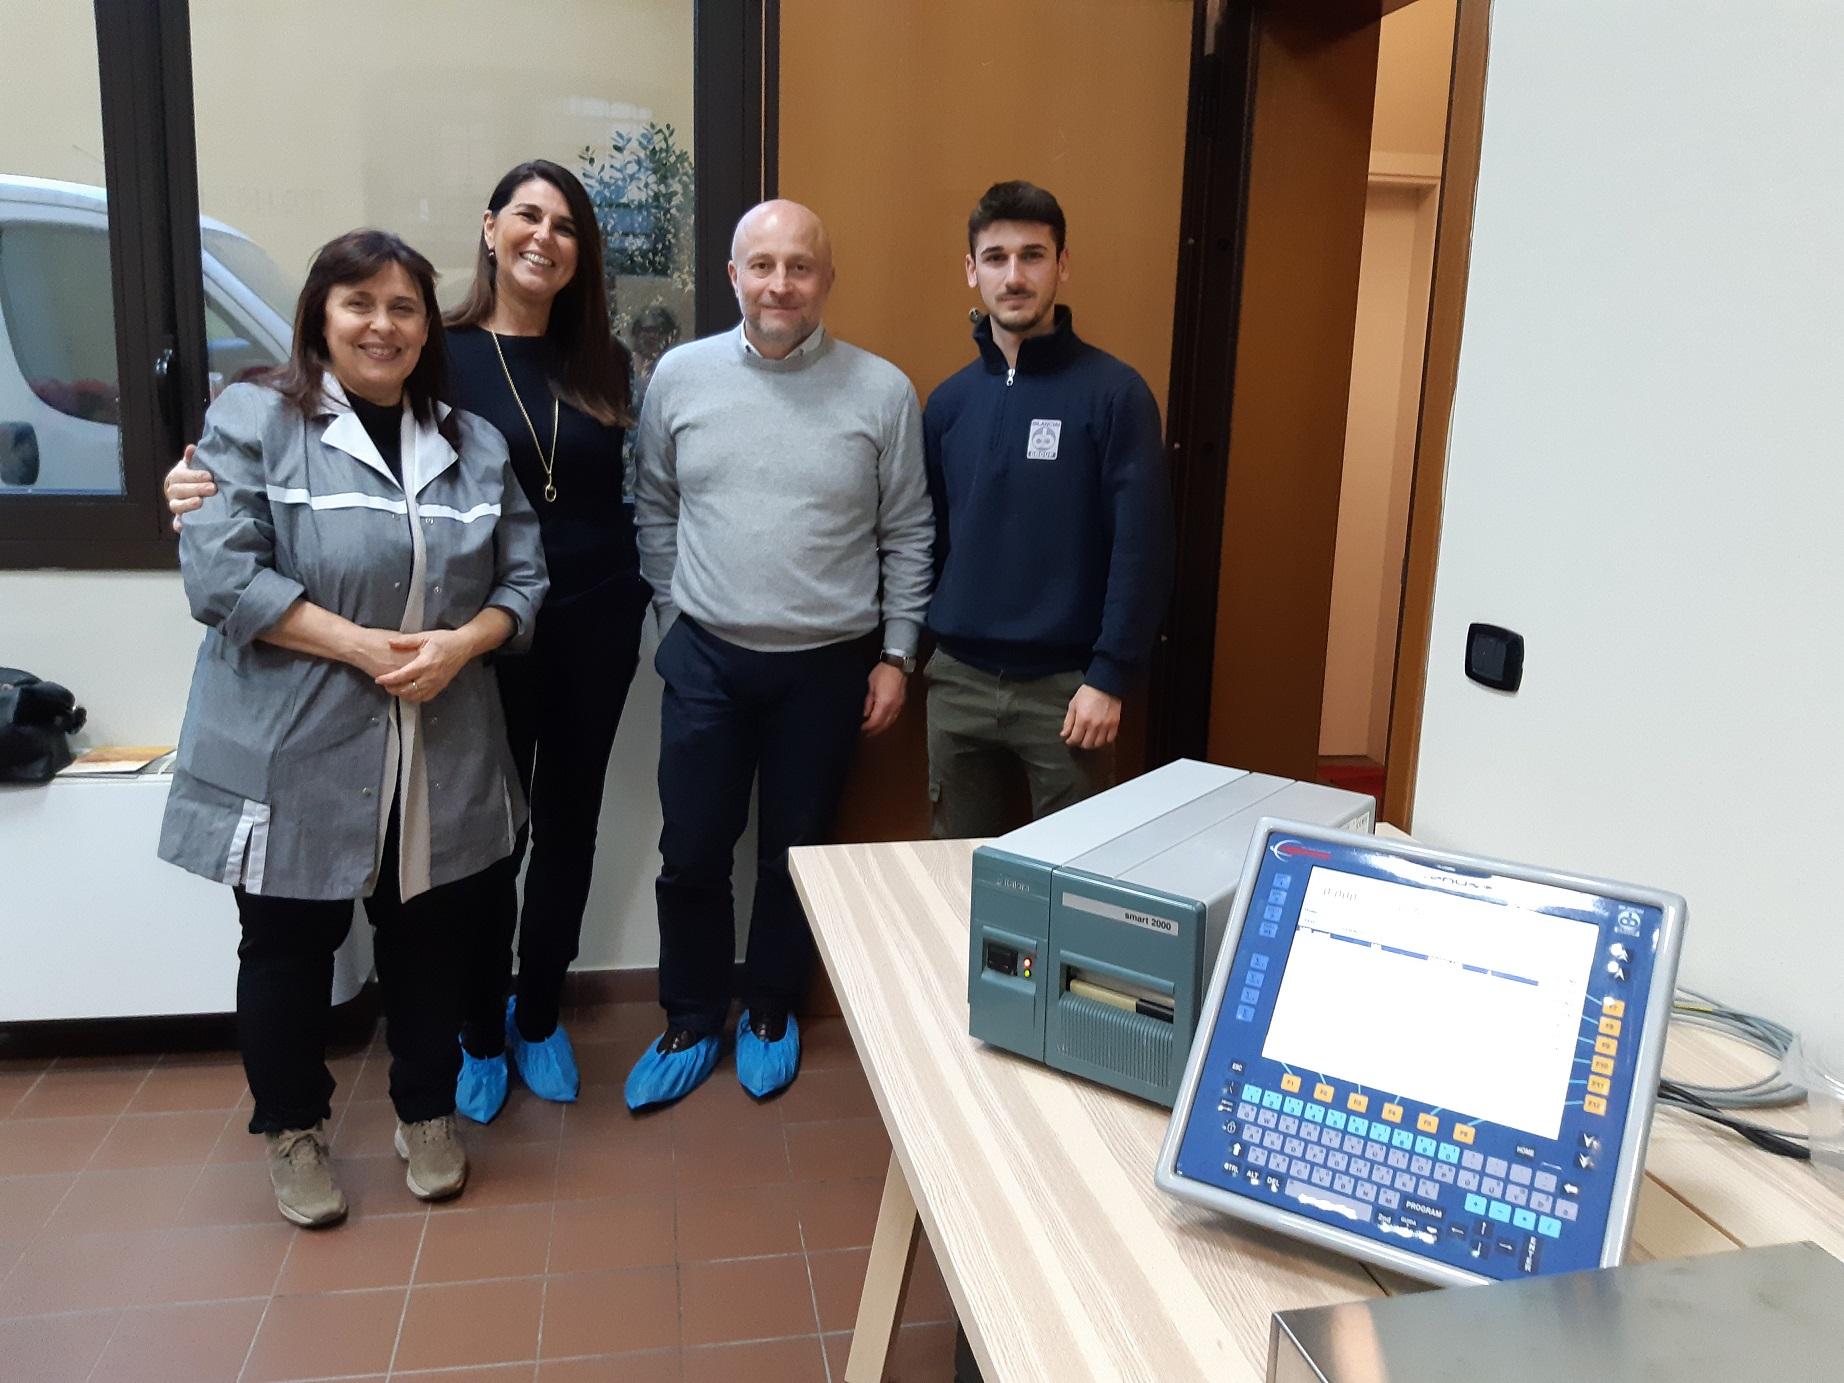 Società Cooperativa Bilanciai sostiene Il Tortellante dotandoli di un sistema di pesatura, prezzatura ed etichettatura per i tortellini prodotti